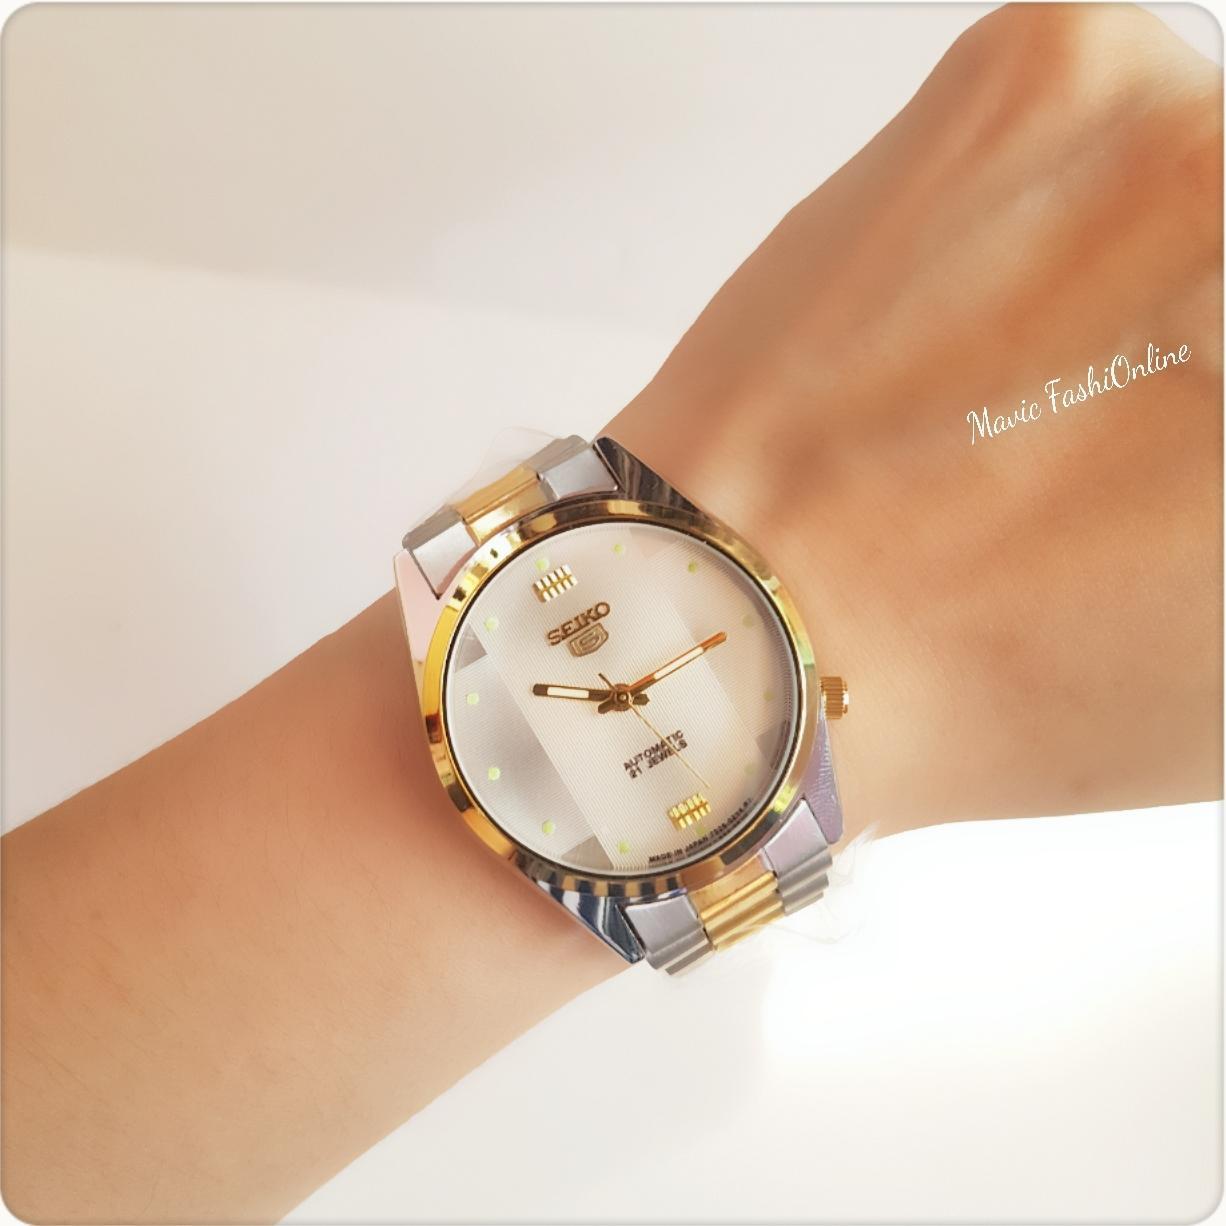 f3bd1ad96 Seiko Philippines: Seiko price list - Seiko Watches for sale | Lazada